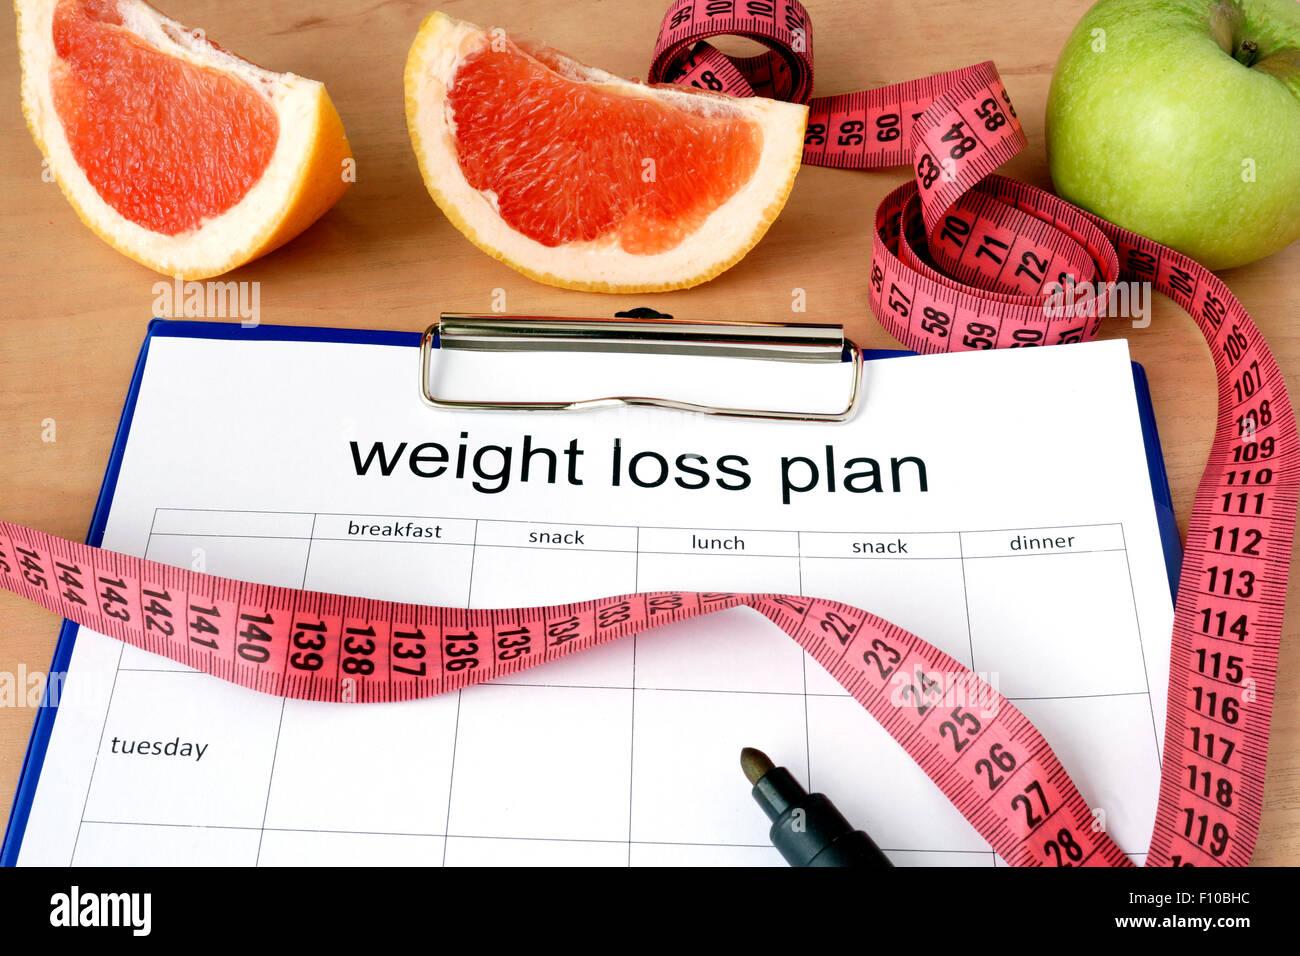 Papier mit Gewichtsverlust Plan und grapefruit Stockbild